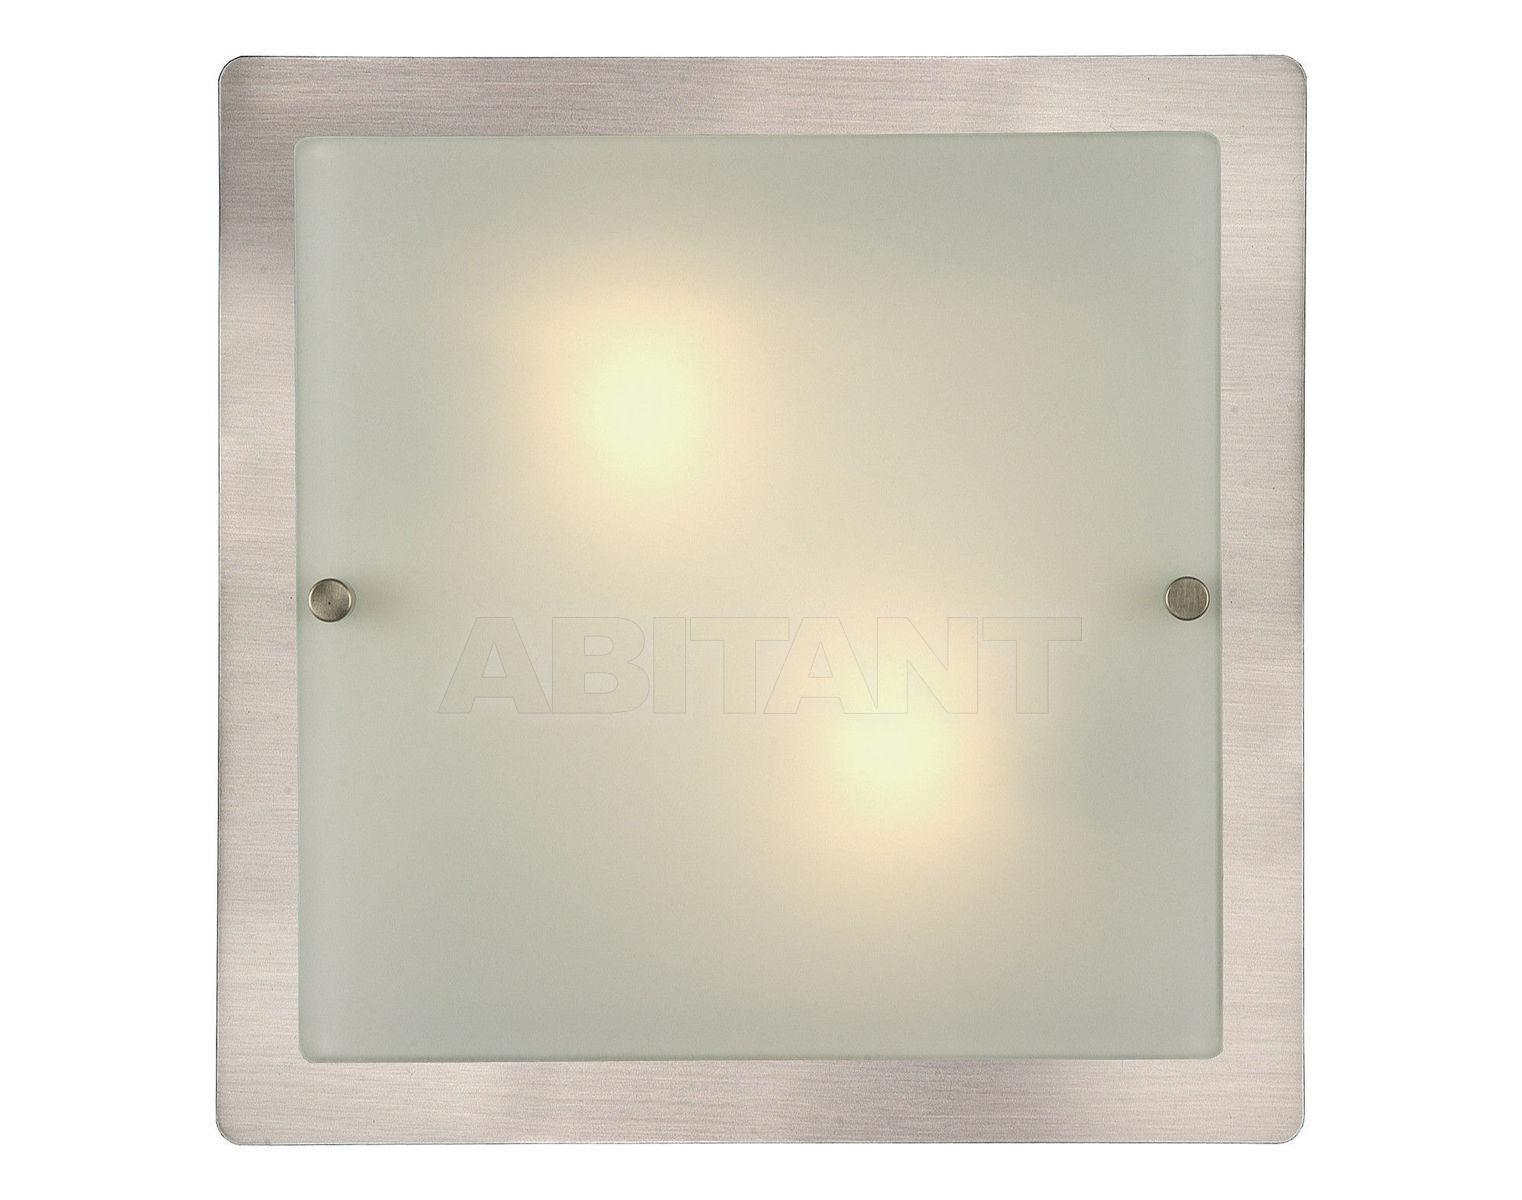 Купить Светильник настенный LARGOT Lucide  Ceiling & Wall Lights 16227/22/12